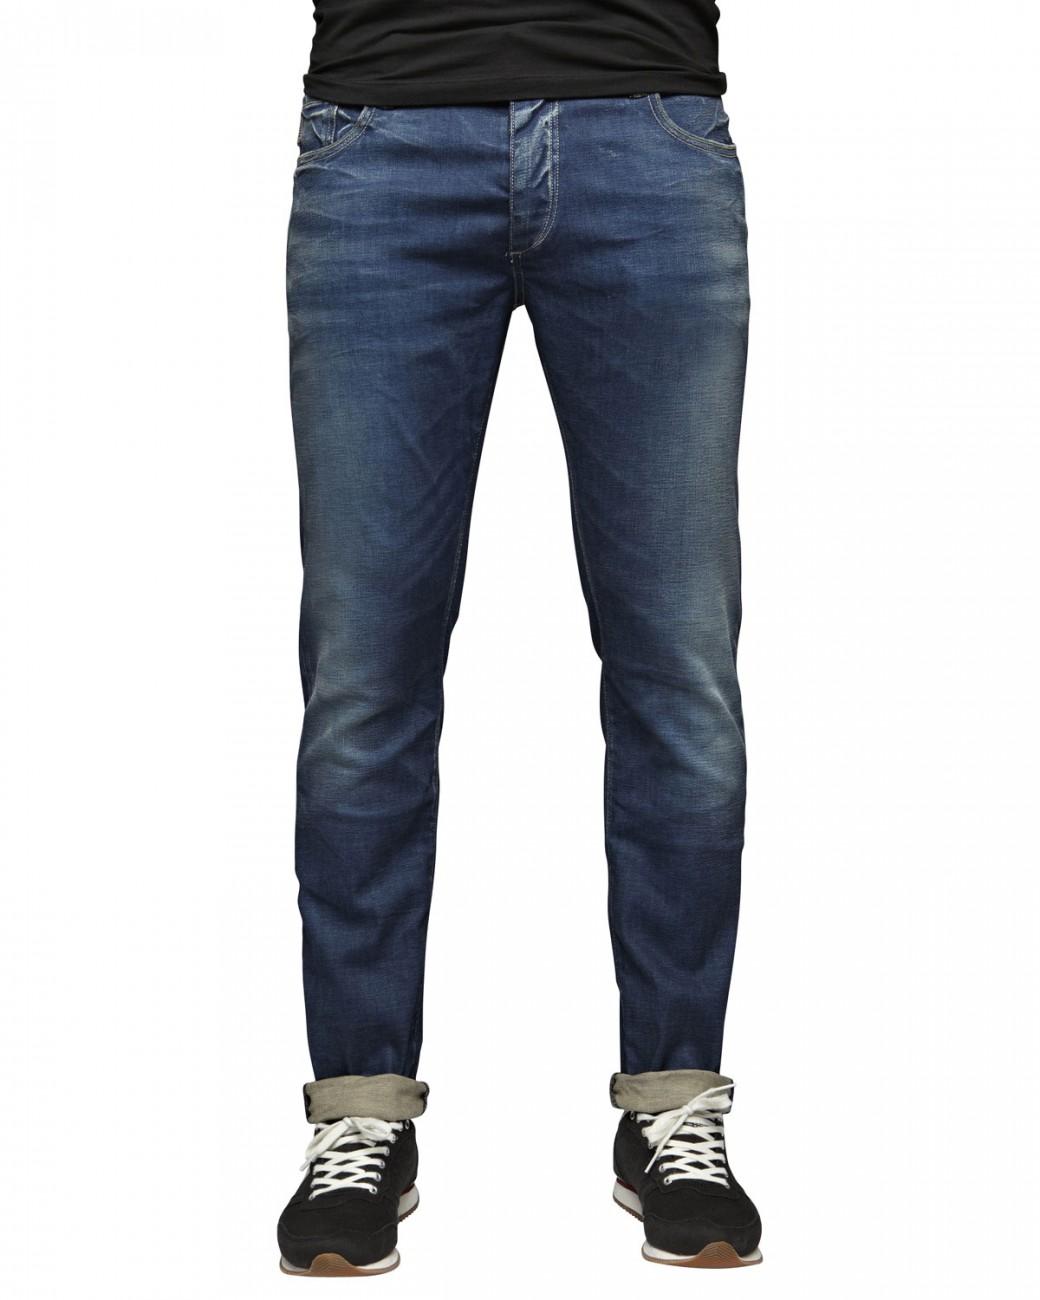 jack jones herren jeans jjtim slim fit medium blue denim kaufen jeans direct de. Black Bedroom Furniture Sets. Home Design Ideas